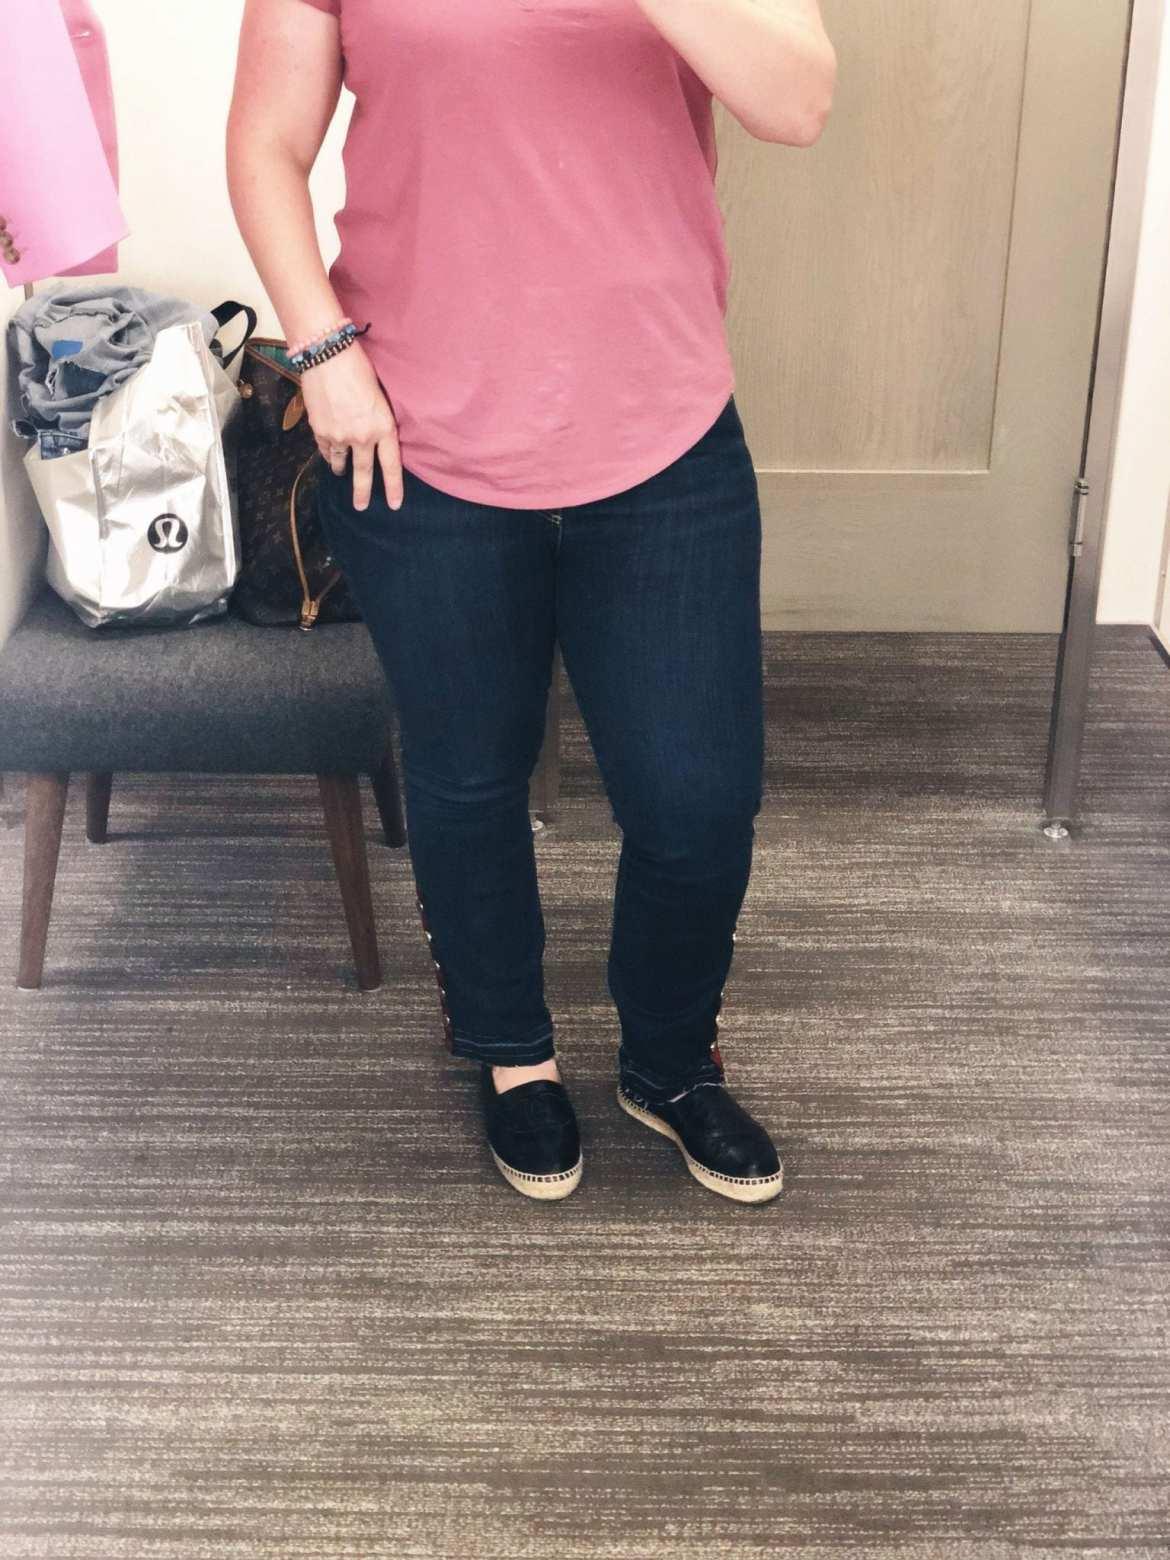 Nordstrom Anniversary Sale 2018 Dressing Room Selfies